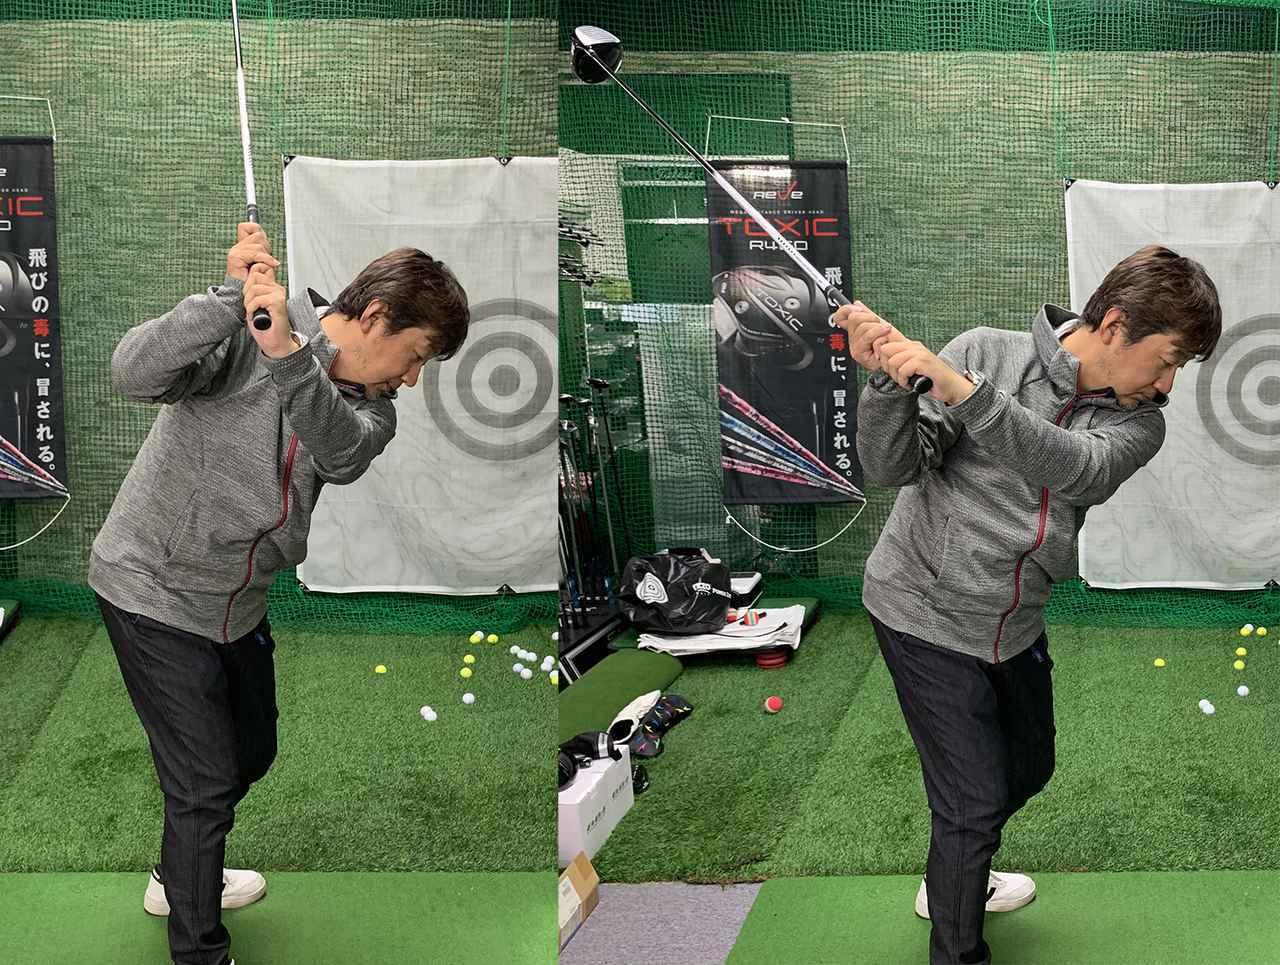 画像: 意識を変えただけで7ヤードも飛距離が伸びた!? 250ヤード飛ばす70歳の教えをおじさんゴルファーが実践してみた - みんなのゴルフダイジェスト